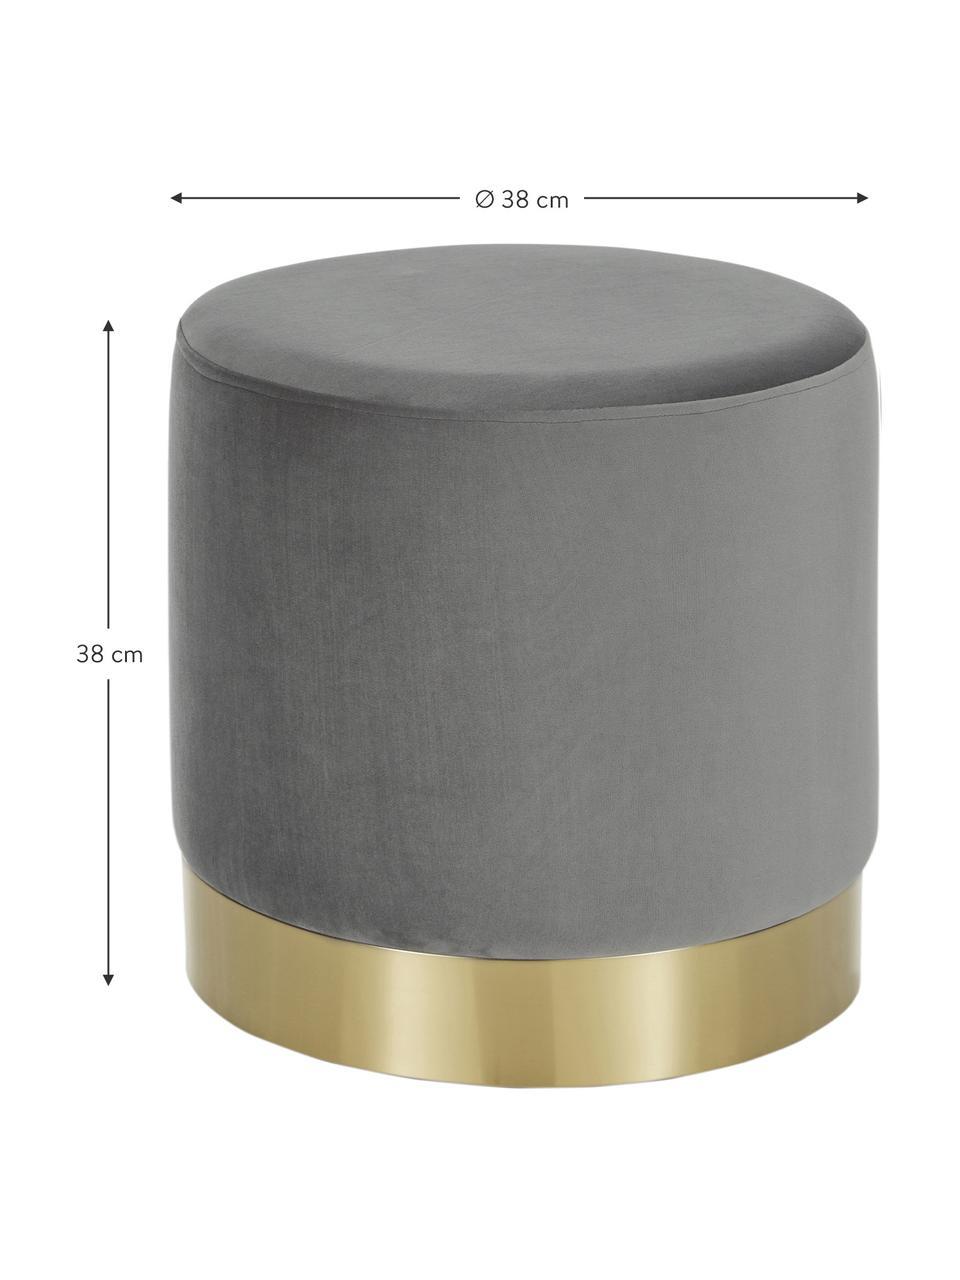 Fluwelen poef Orchid in grijs, Bekleding: fluweel (100% polyester), Frame: karton, multiplex, Voet: gecoat metaal, Bekleding: grijs. Voet: goudkleurig, Ø 40 x H 39 cm